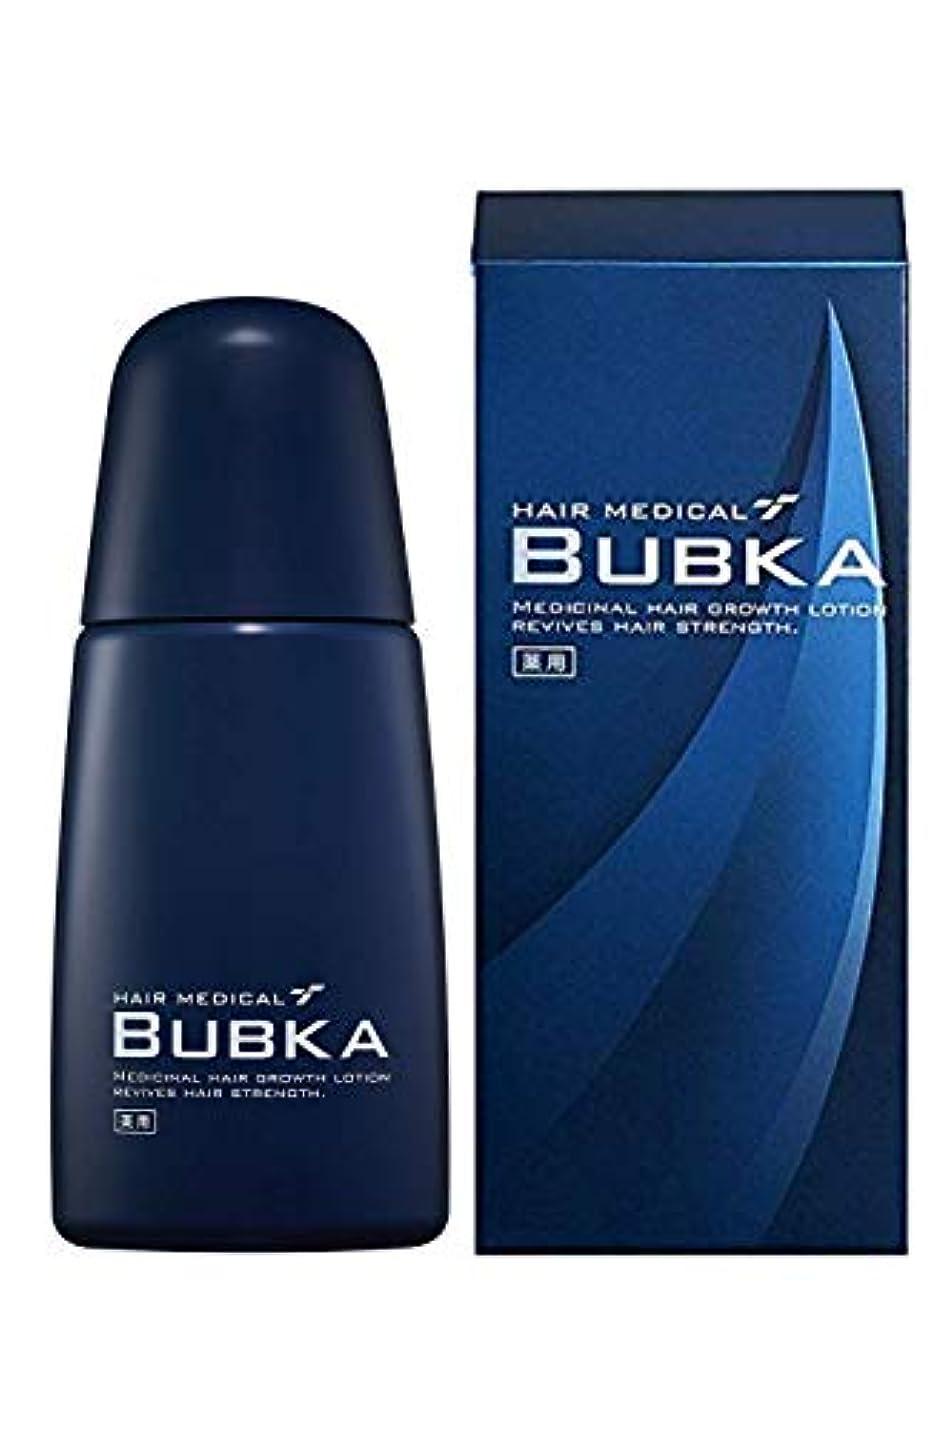 スタック配置オーバーフロー【医薬部外品】BUBKA(ブブカ) 濃密育毛剤 BUBKA 003M 外販用青ボトル (単品)